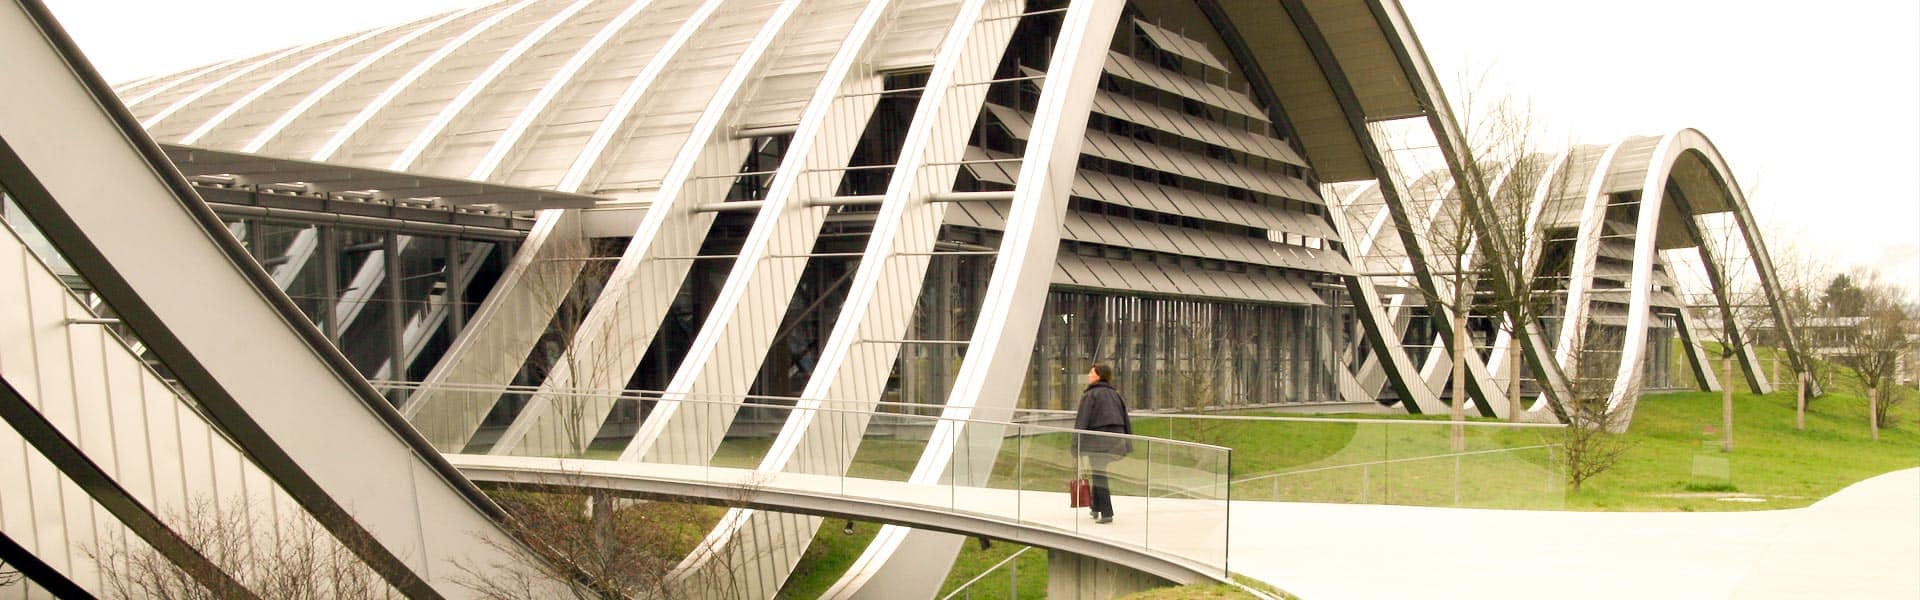 Kunst, beeindruckend präsentiert, im Paul Klee Museum, Bern Zentrum